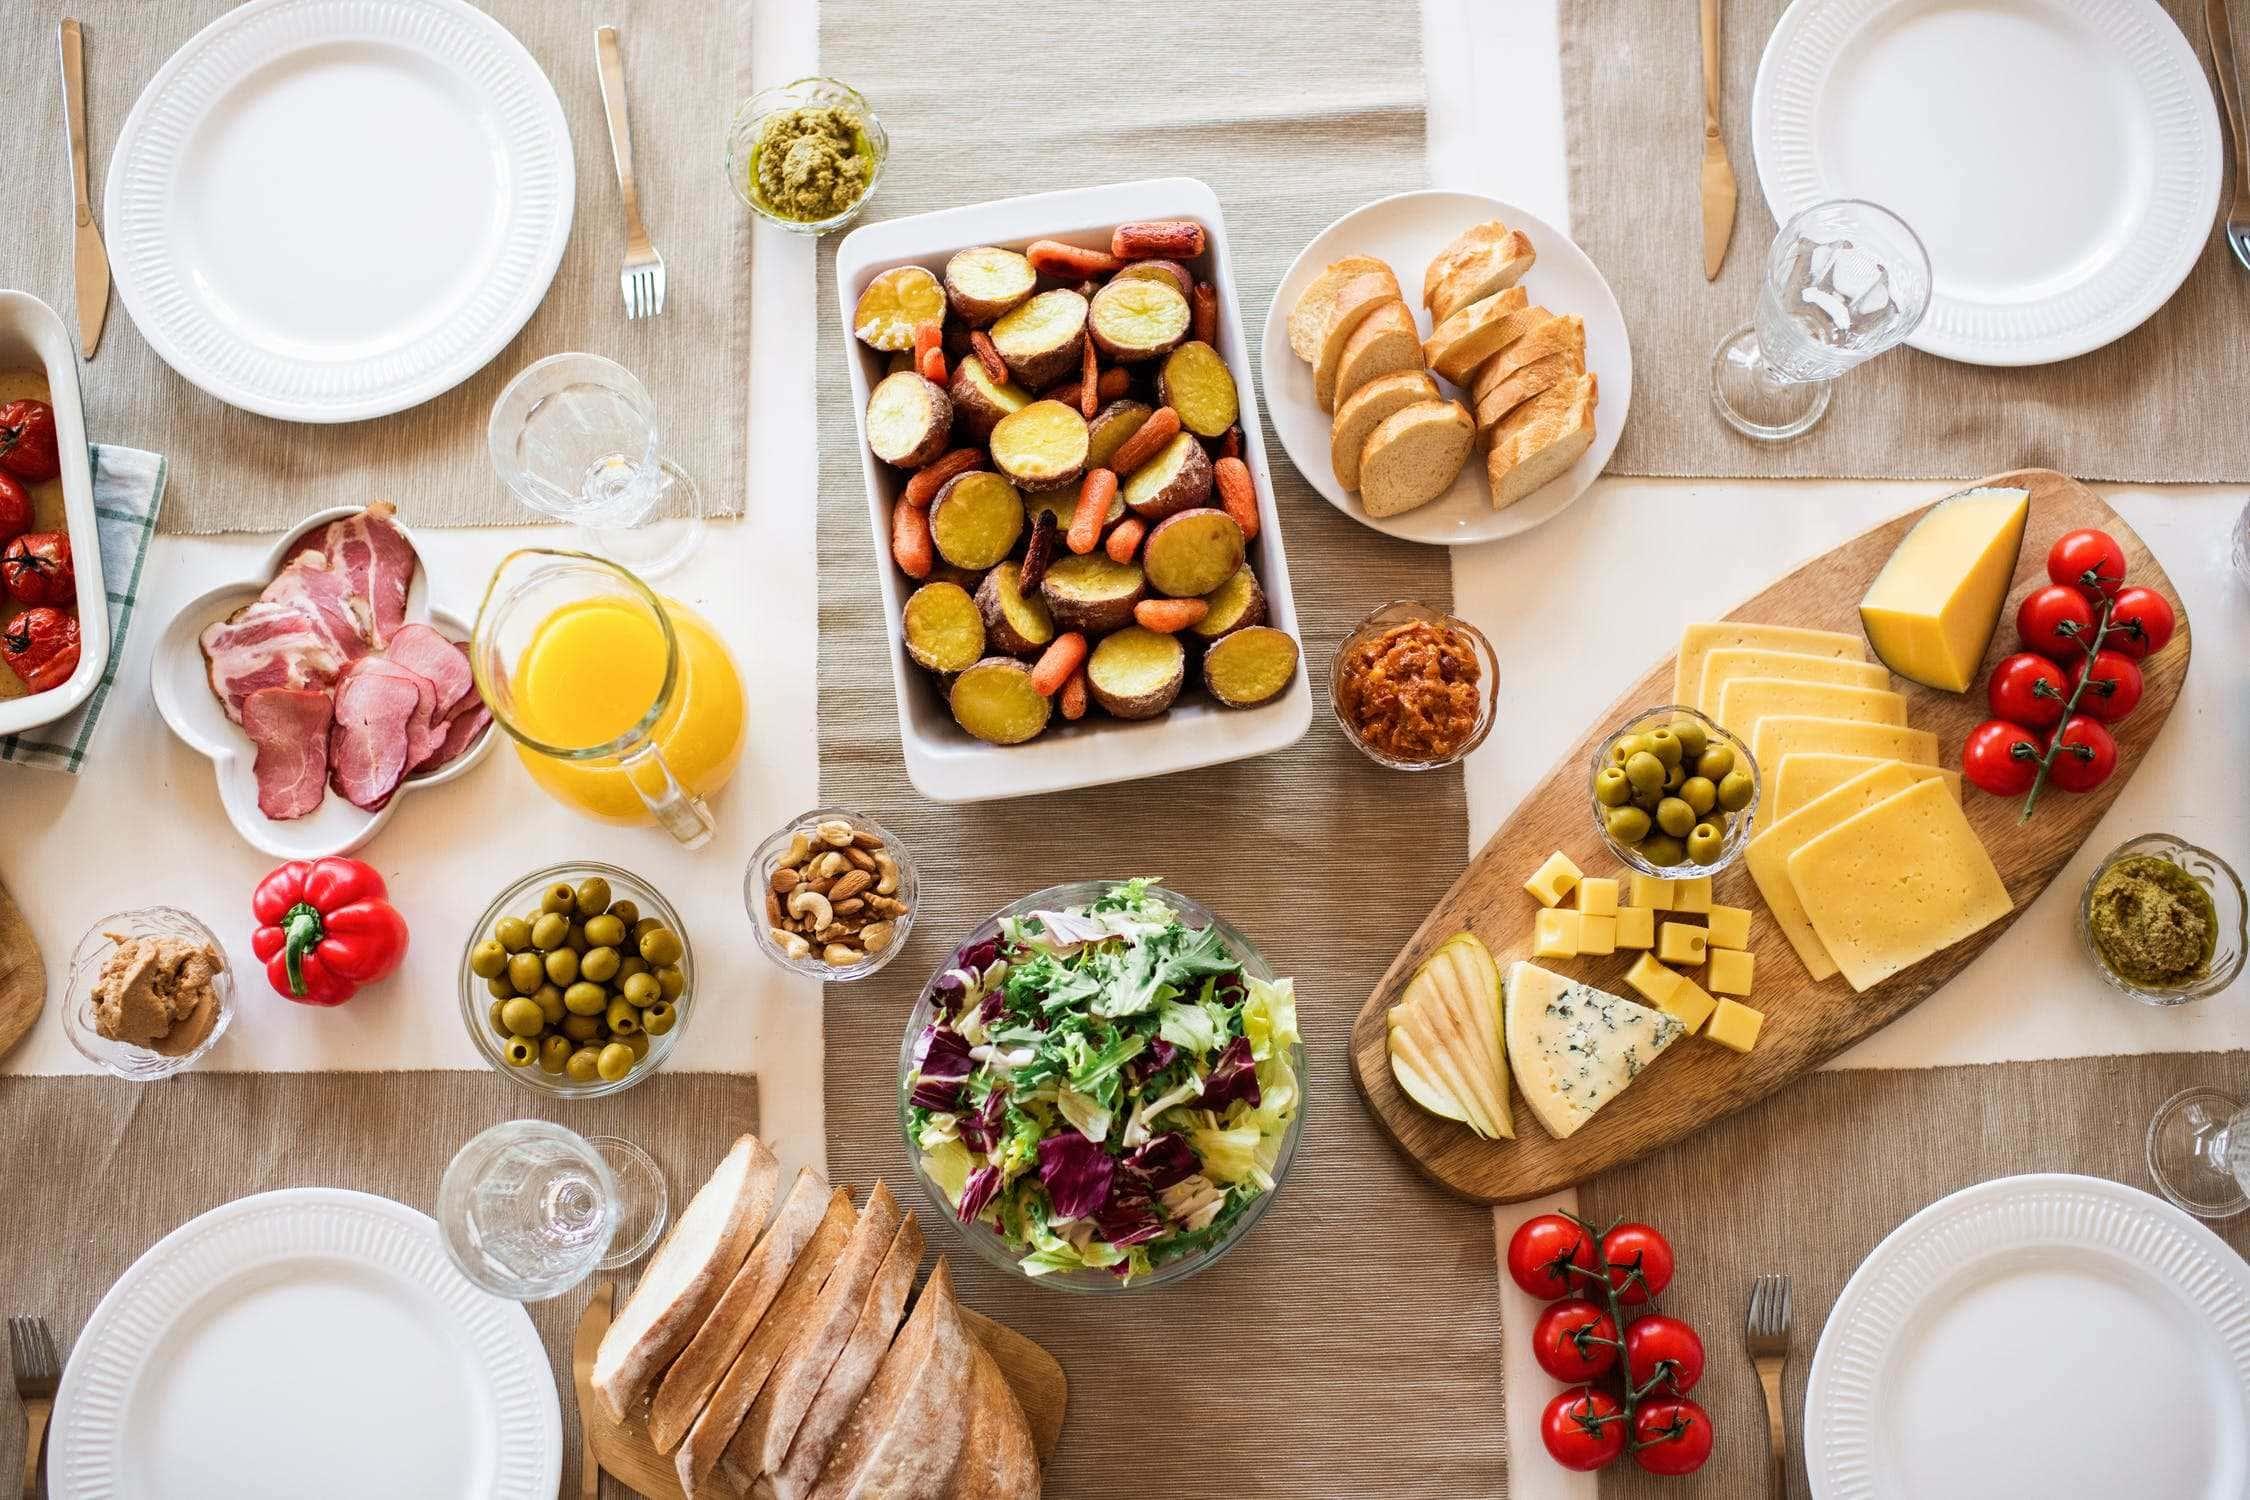 4 plats typiques espagnols disponibles sur Gastronomic Spain